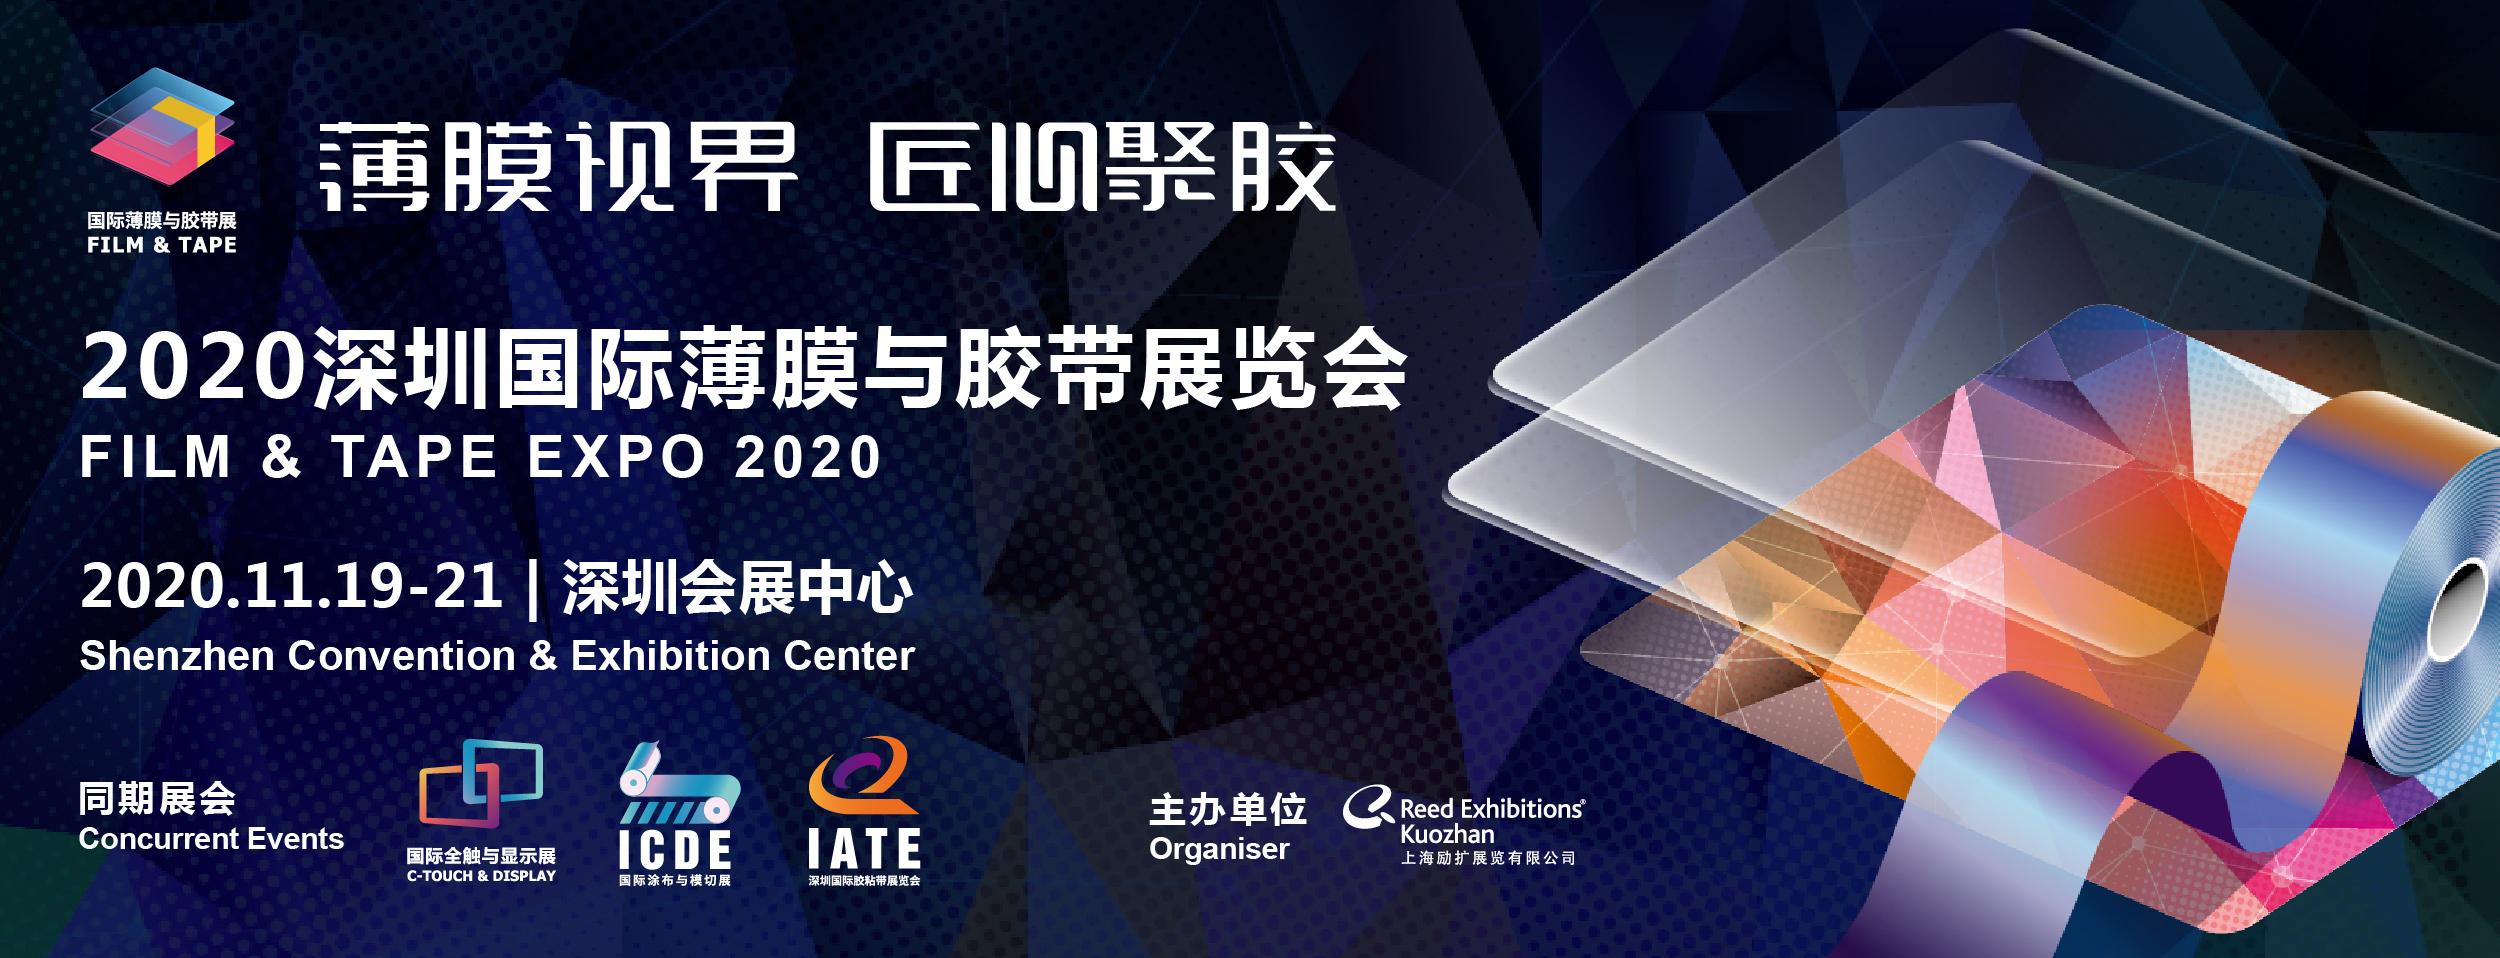 2020年深圳国际薄膜与胶带展